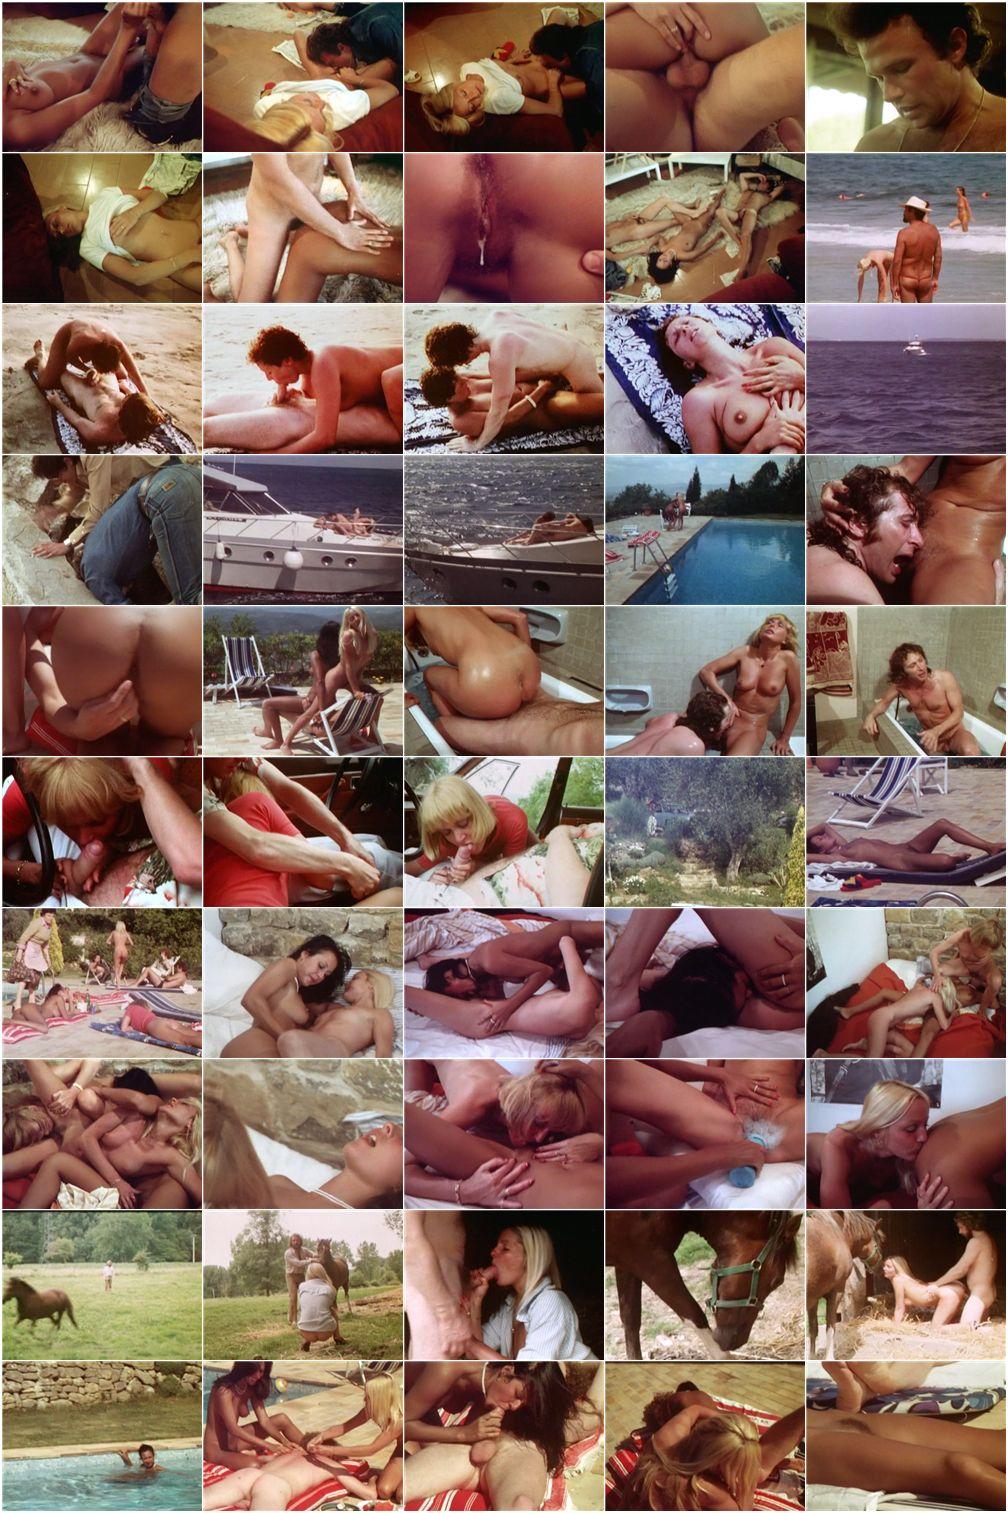 Порно фильмы с сюжетом лесби